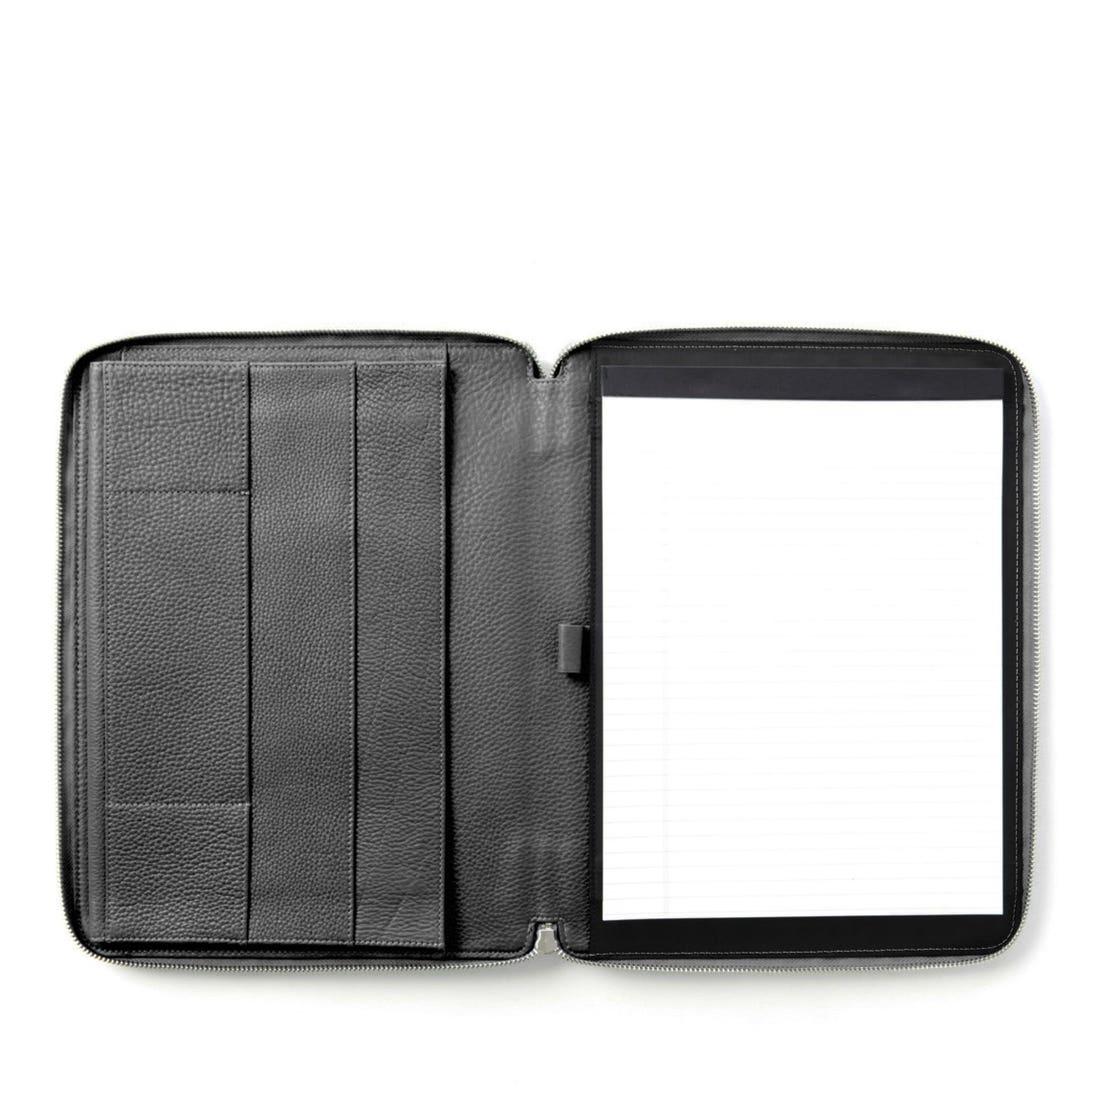 11 Inch MacBook Air Portfolio